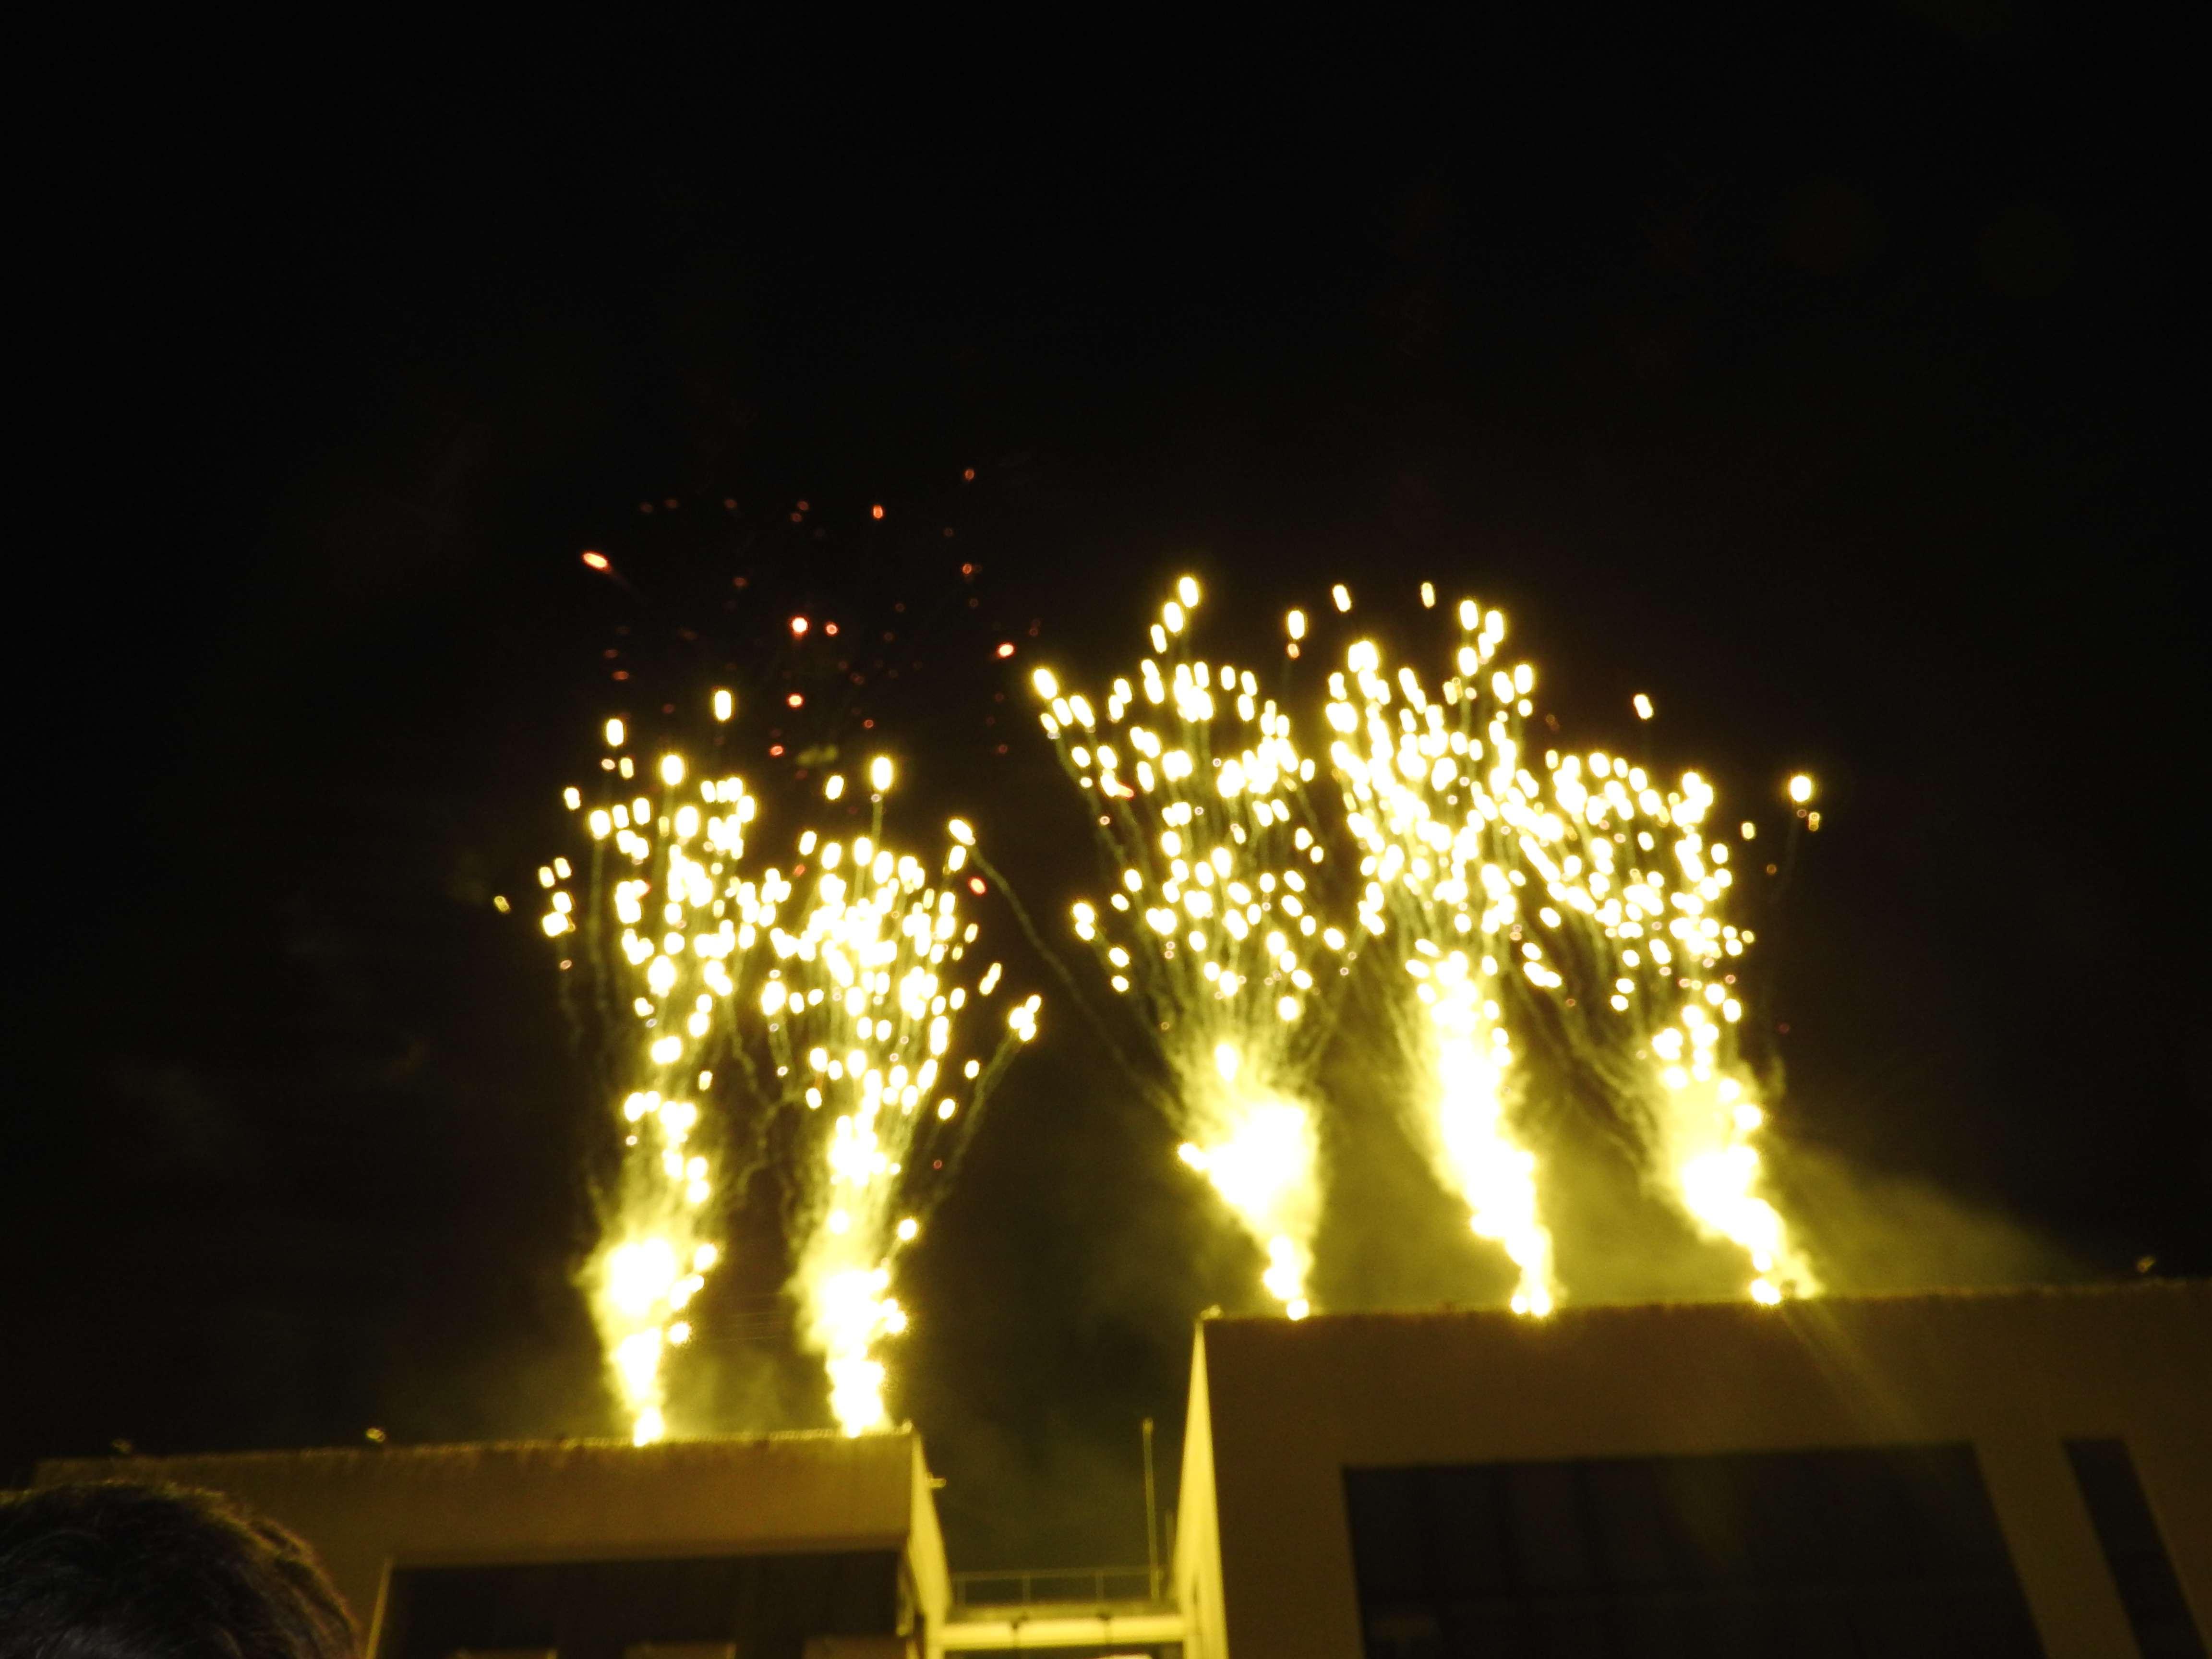 Serris► Fêtes de fin d'année : illuminations, Père Noël, feu d'artifice et chocolat chaud au programme